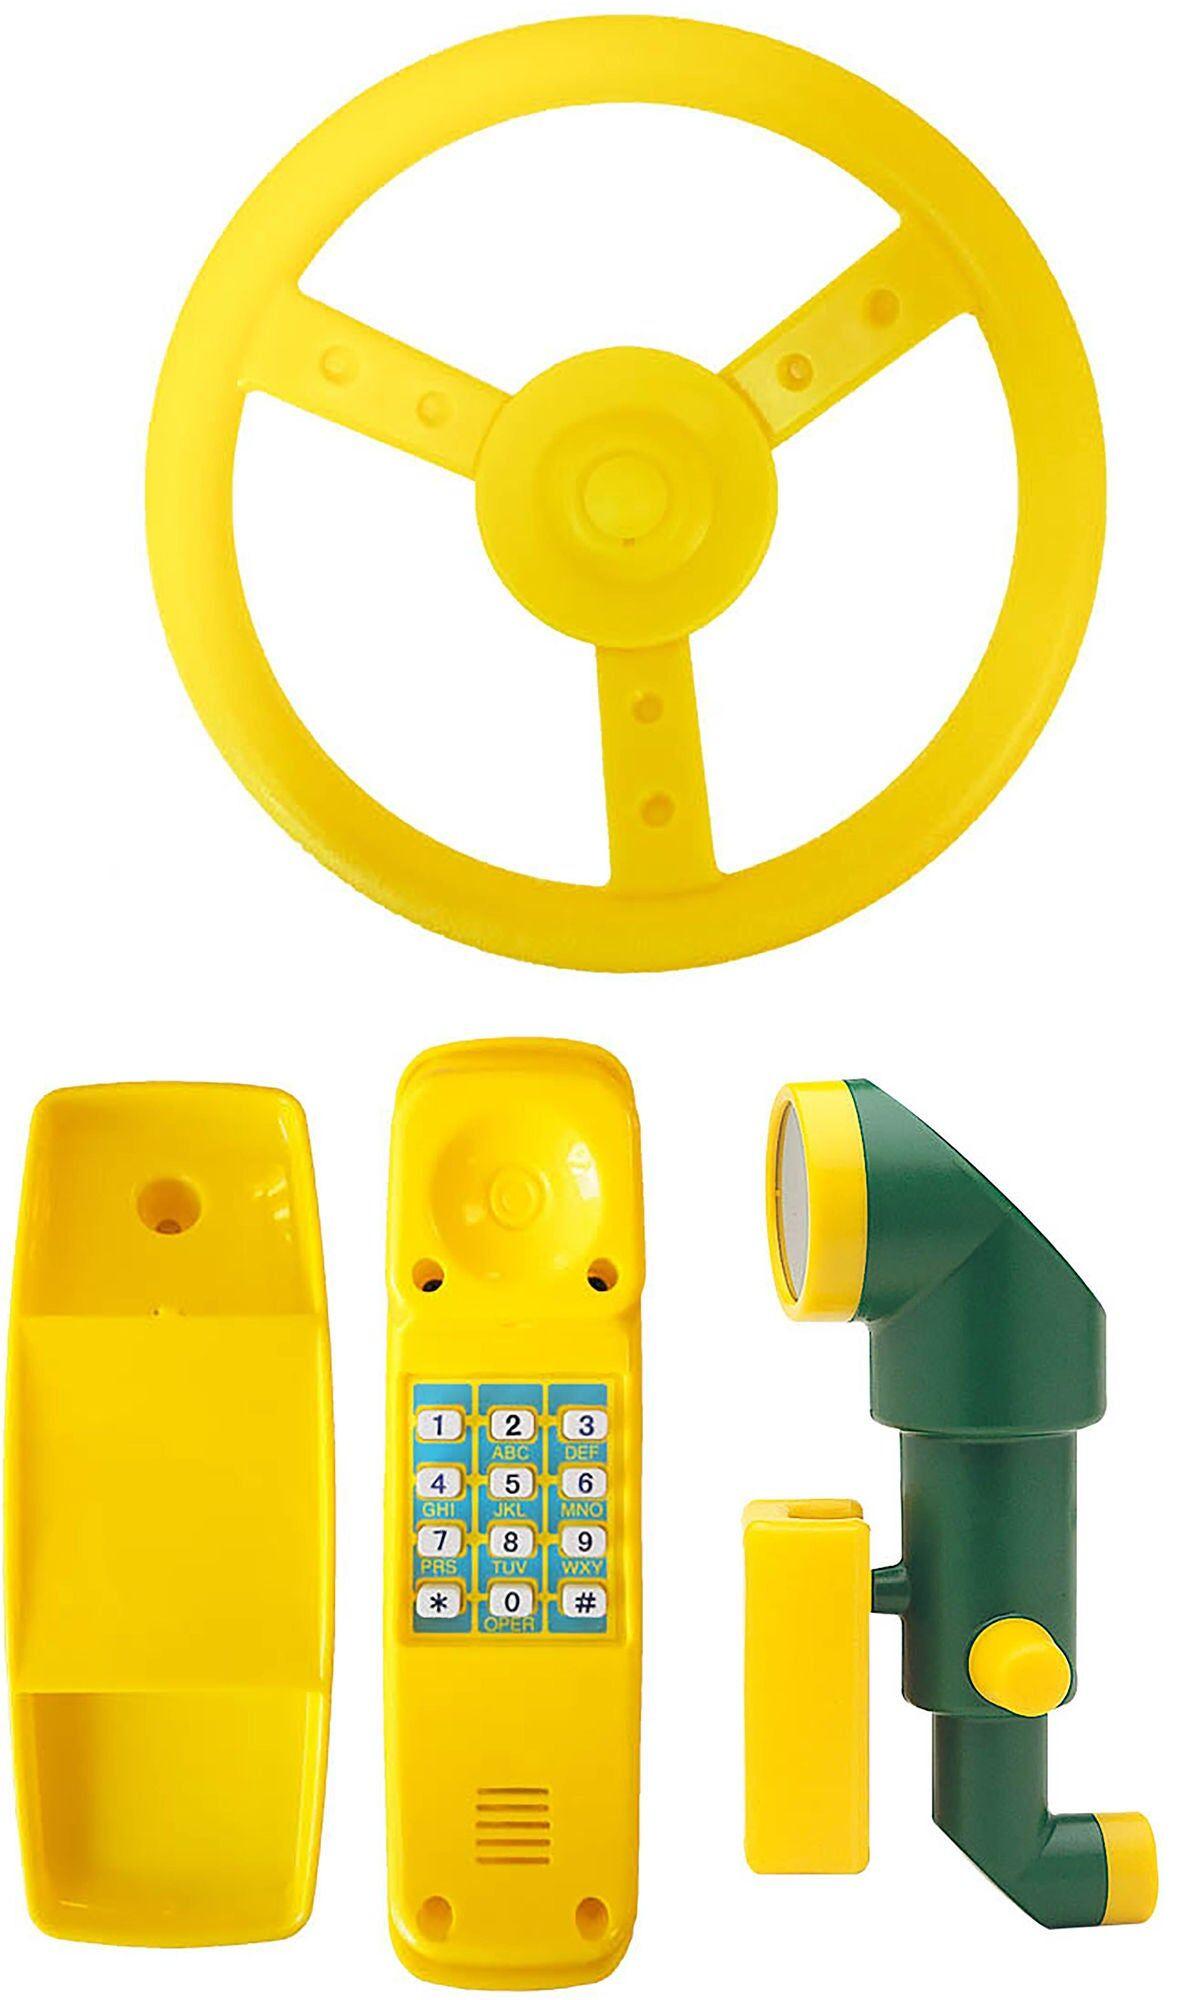 Jungle Gym Tilbehørspakke Ratt, Telefon og Periskop